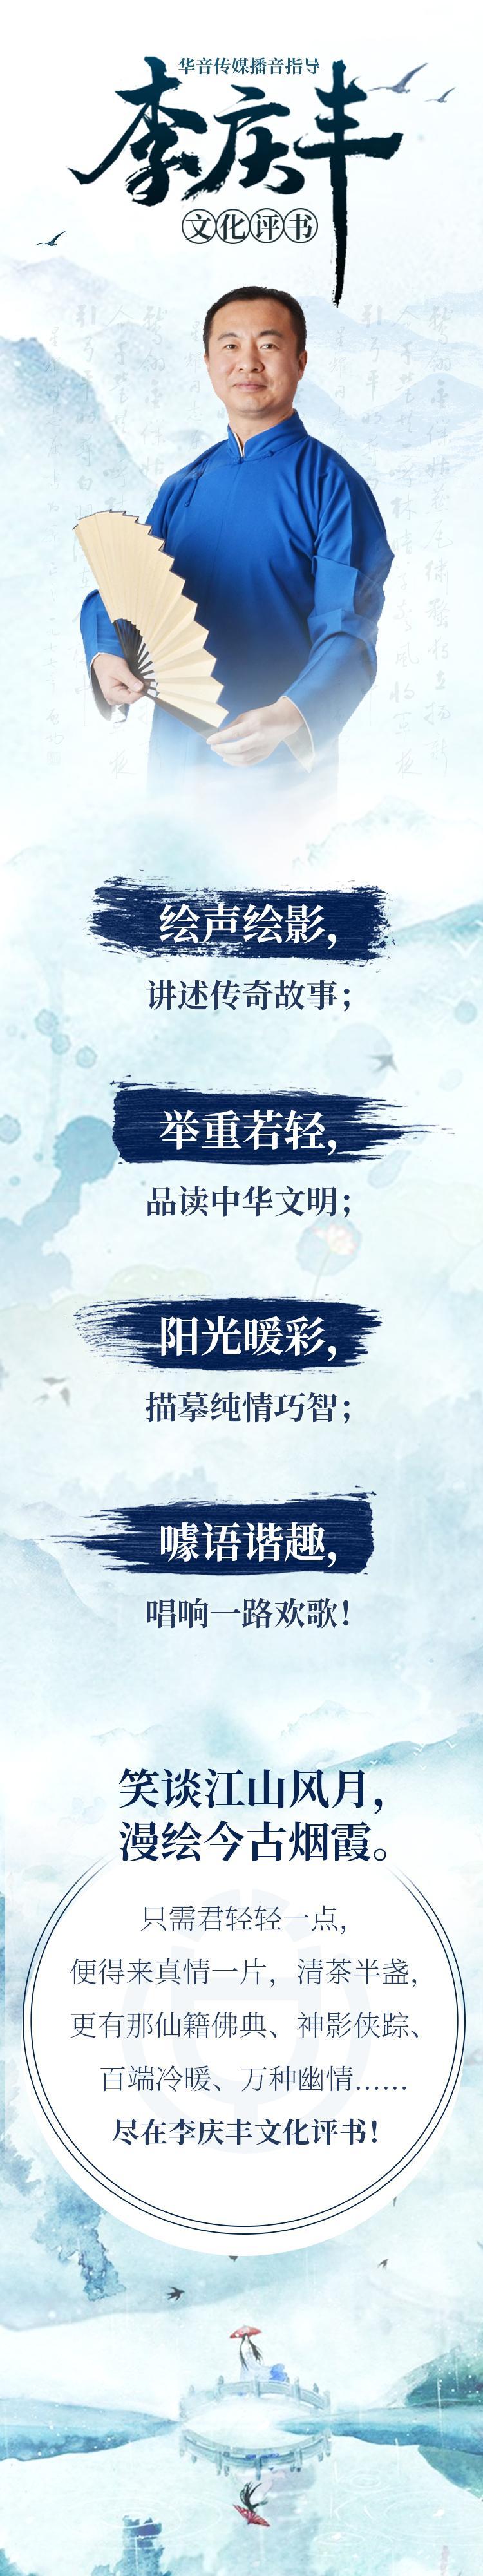 《三国演义》李庆丰文化评书